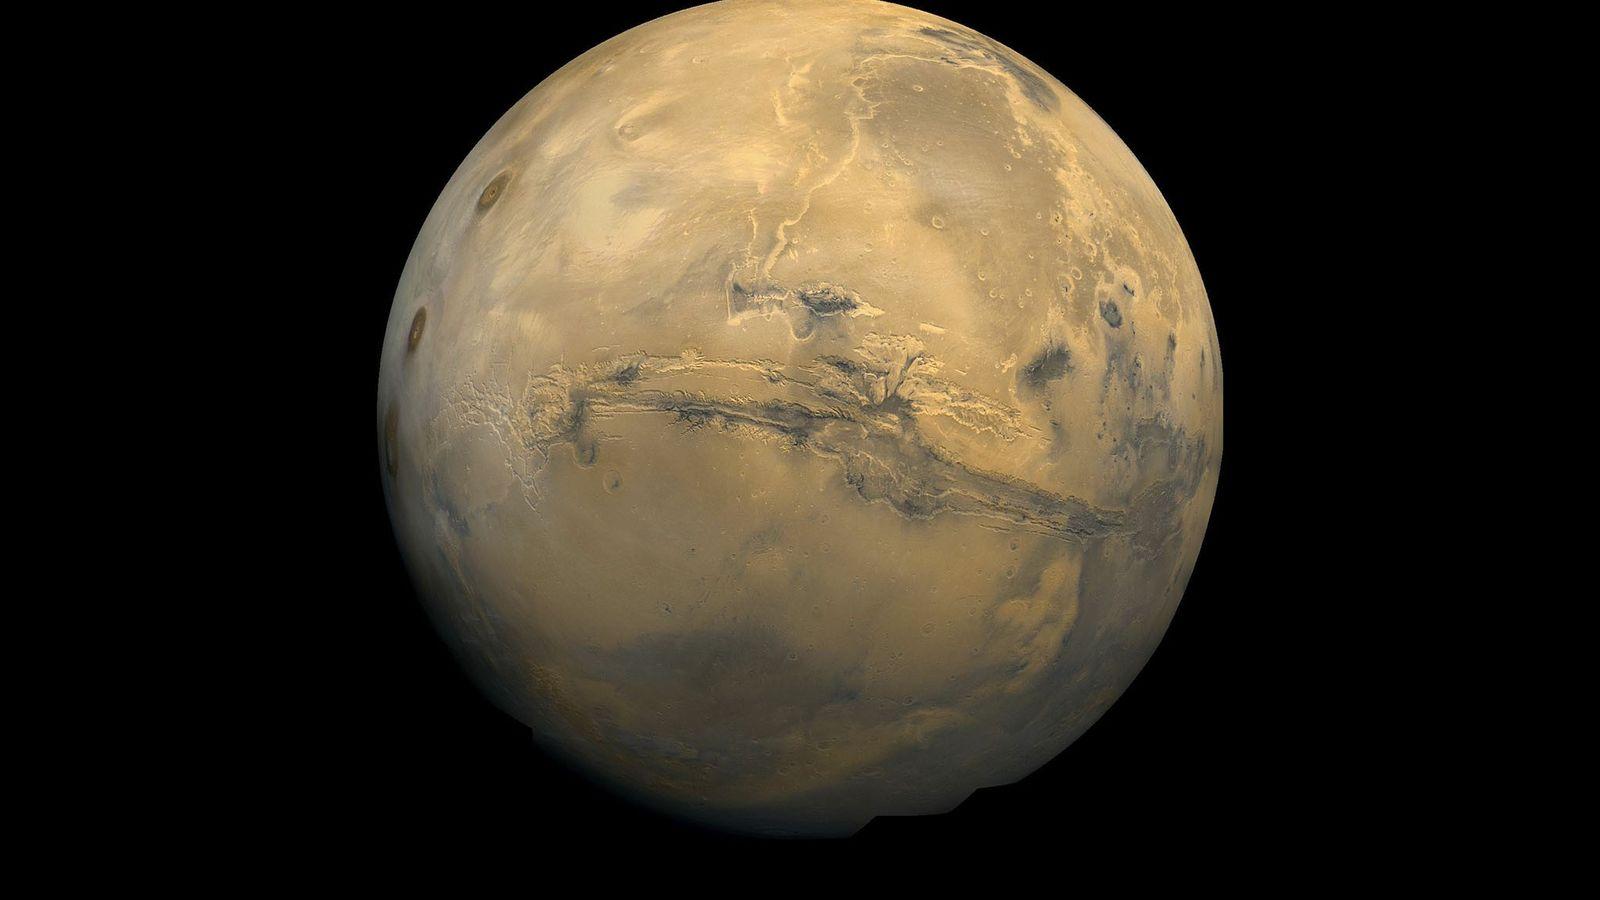 Le globe de Mars tel qu'il apparaît dans une mosaïque d'images prises par les orbiteurs Viking.